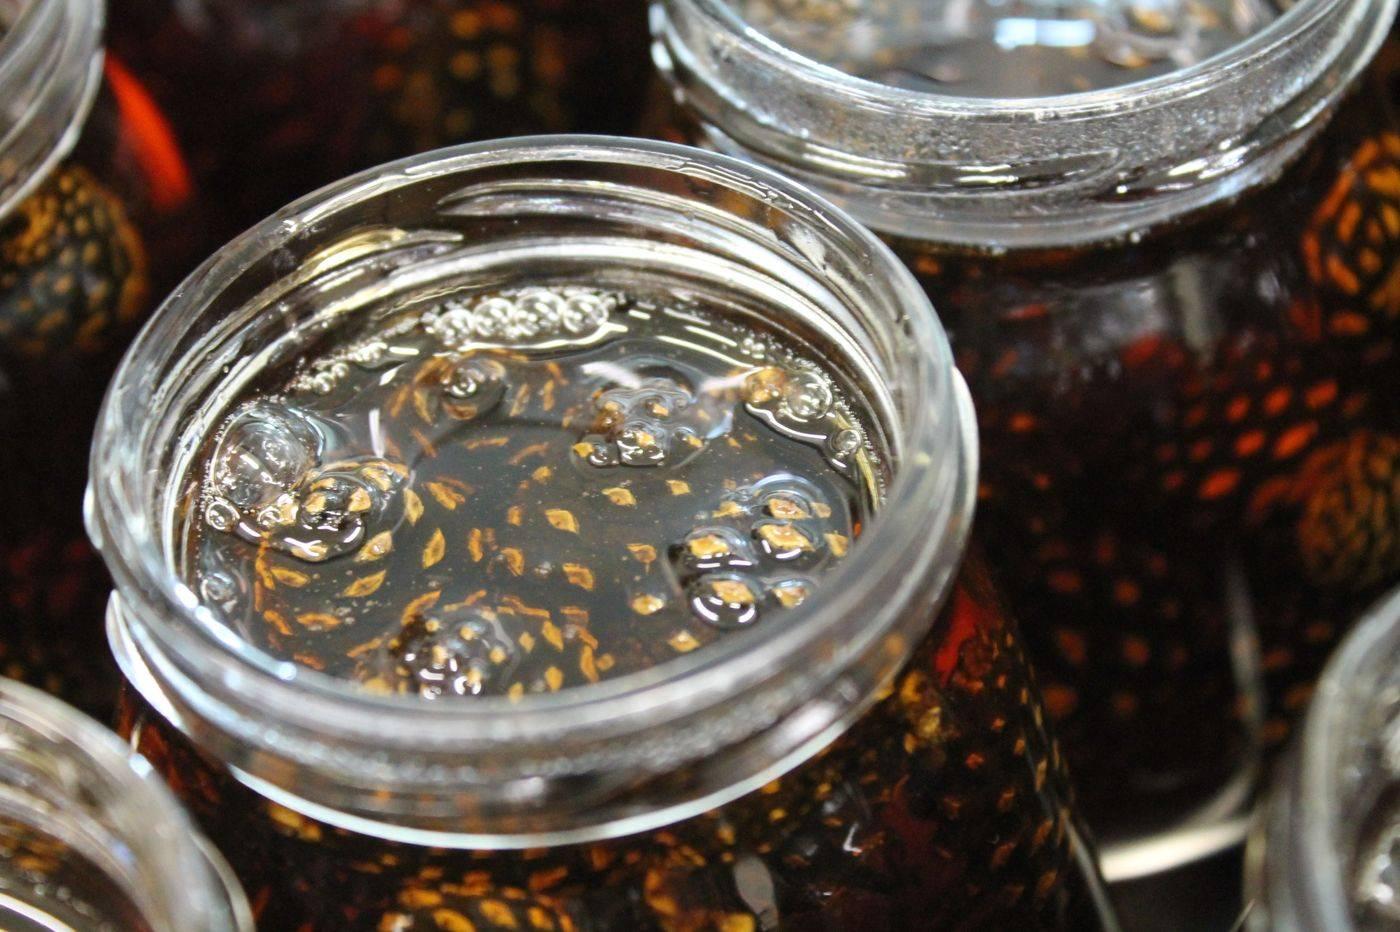 Варенье изсосновых шишек: лечебные свойства, противопоказания, рецепты иотзывы